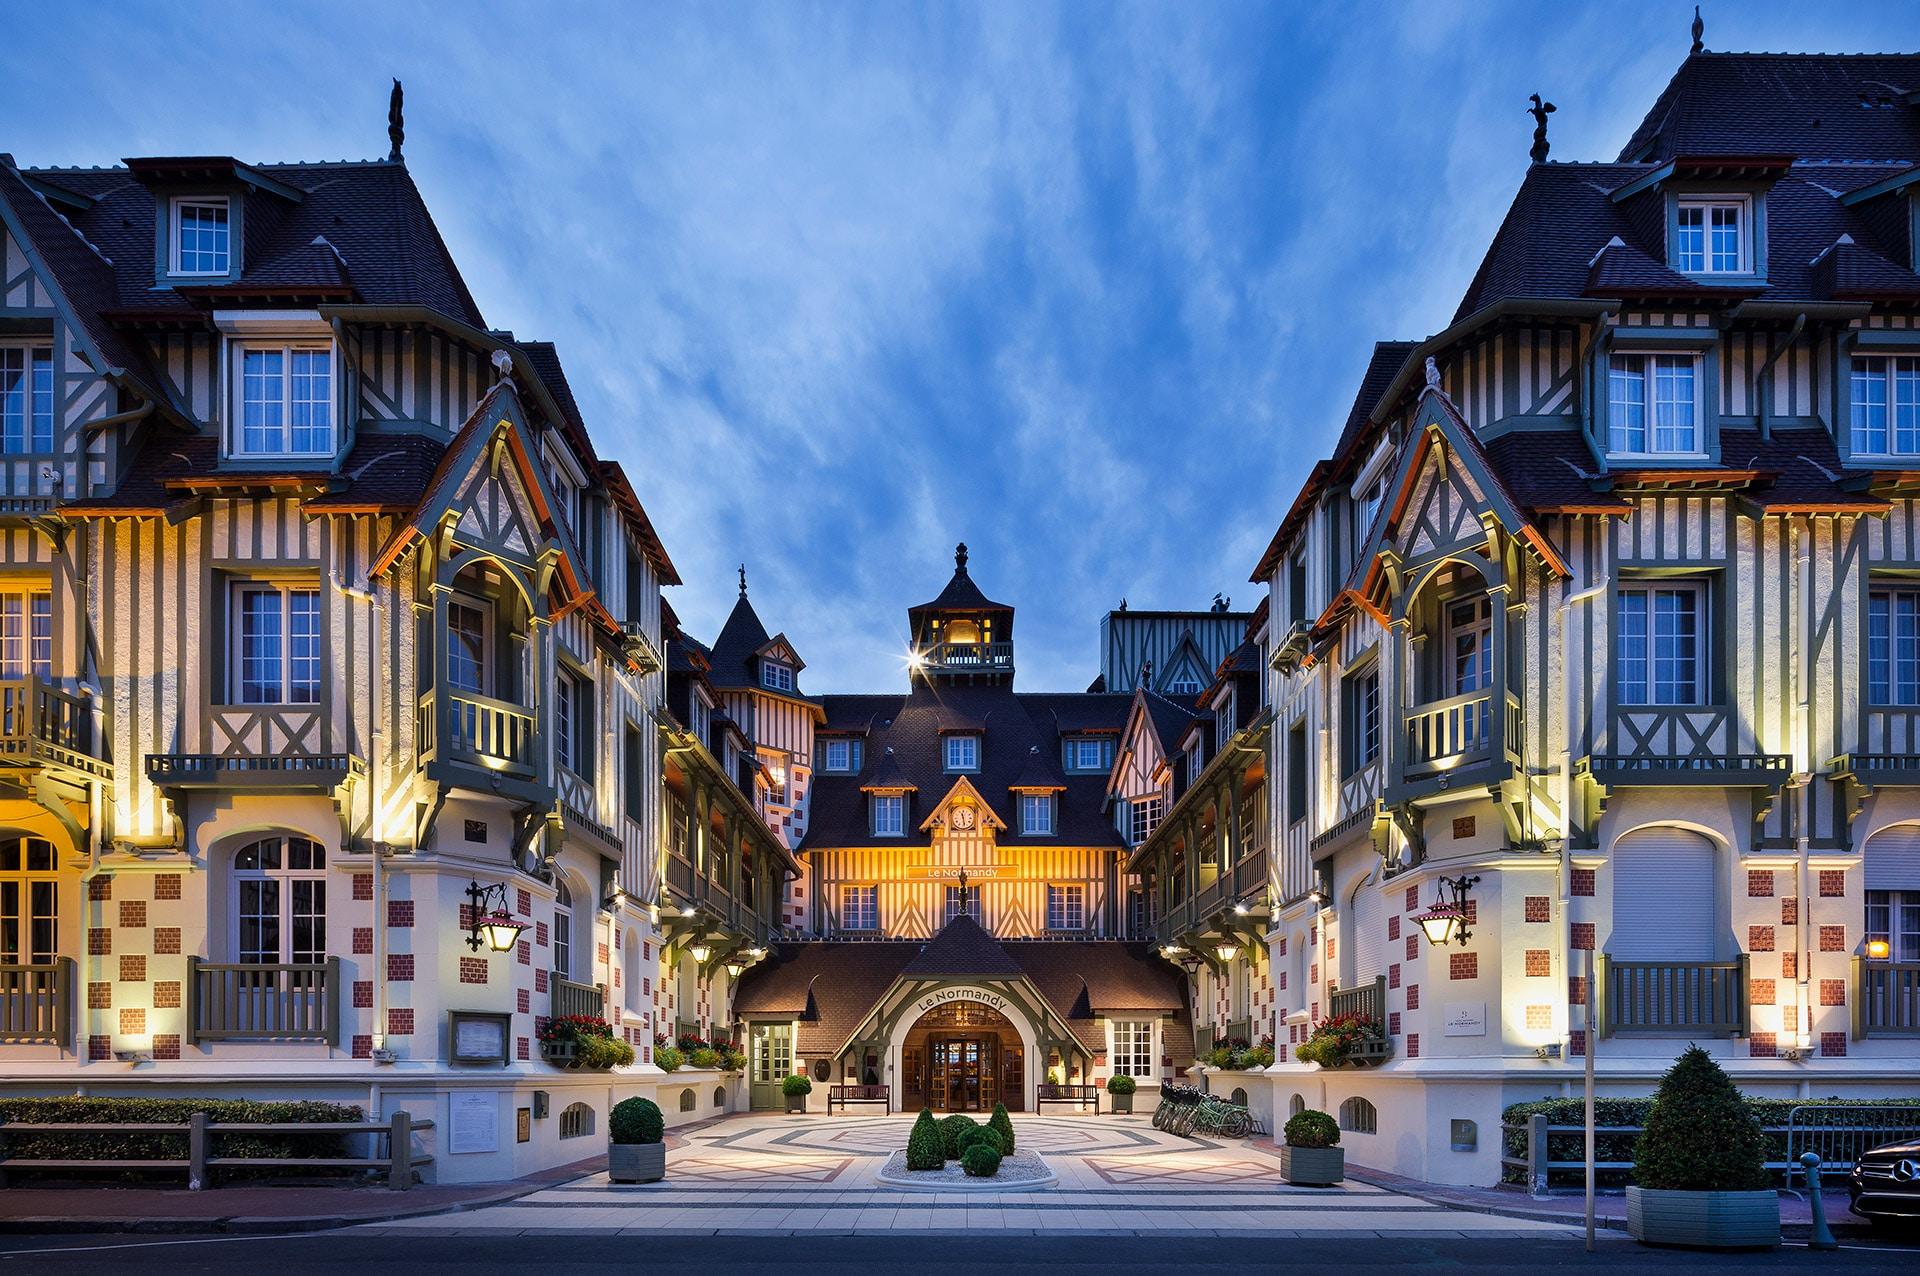 La façade de l'hôtel Normandy à Deauville